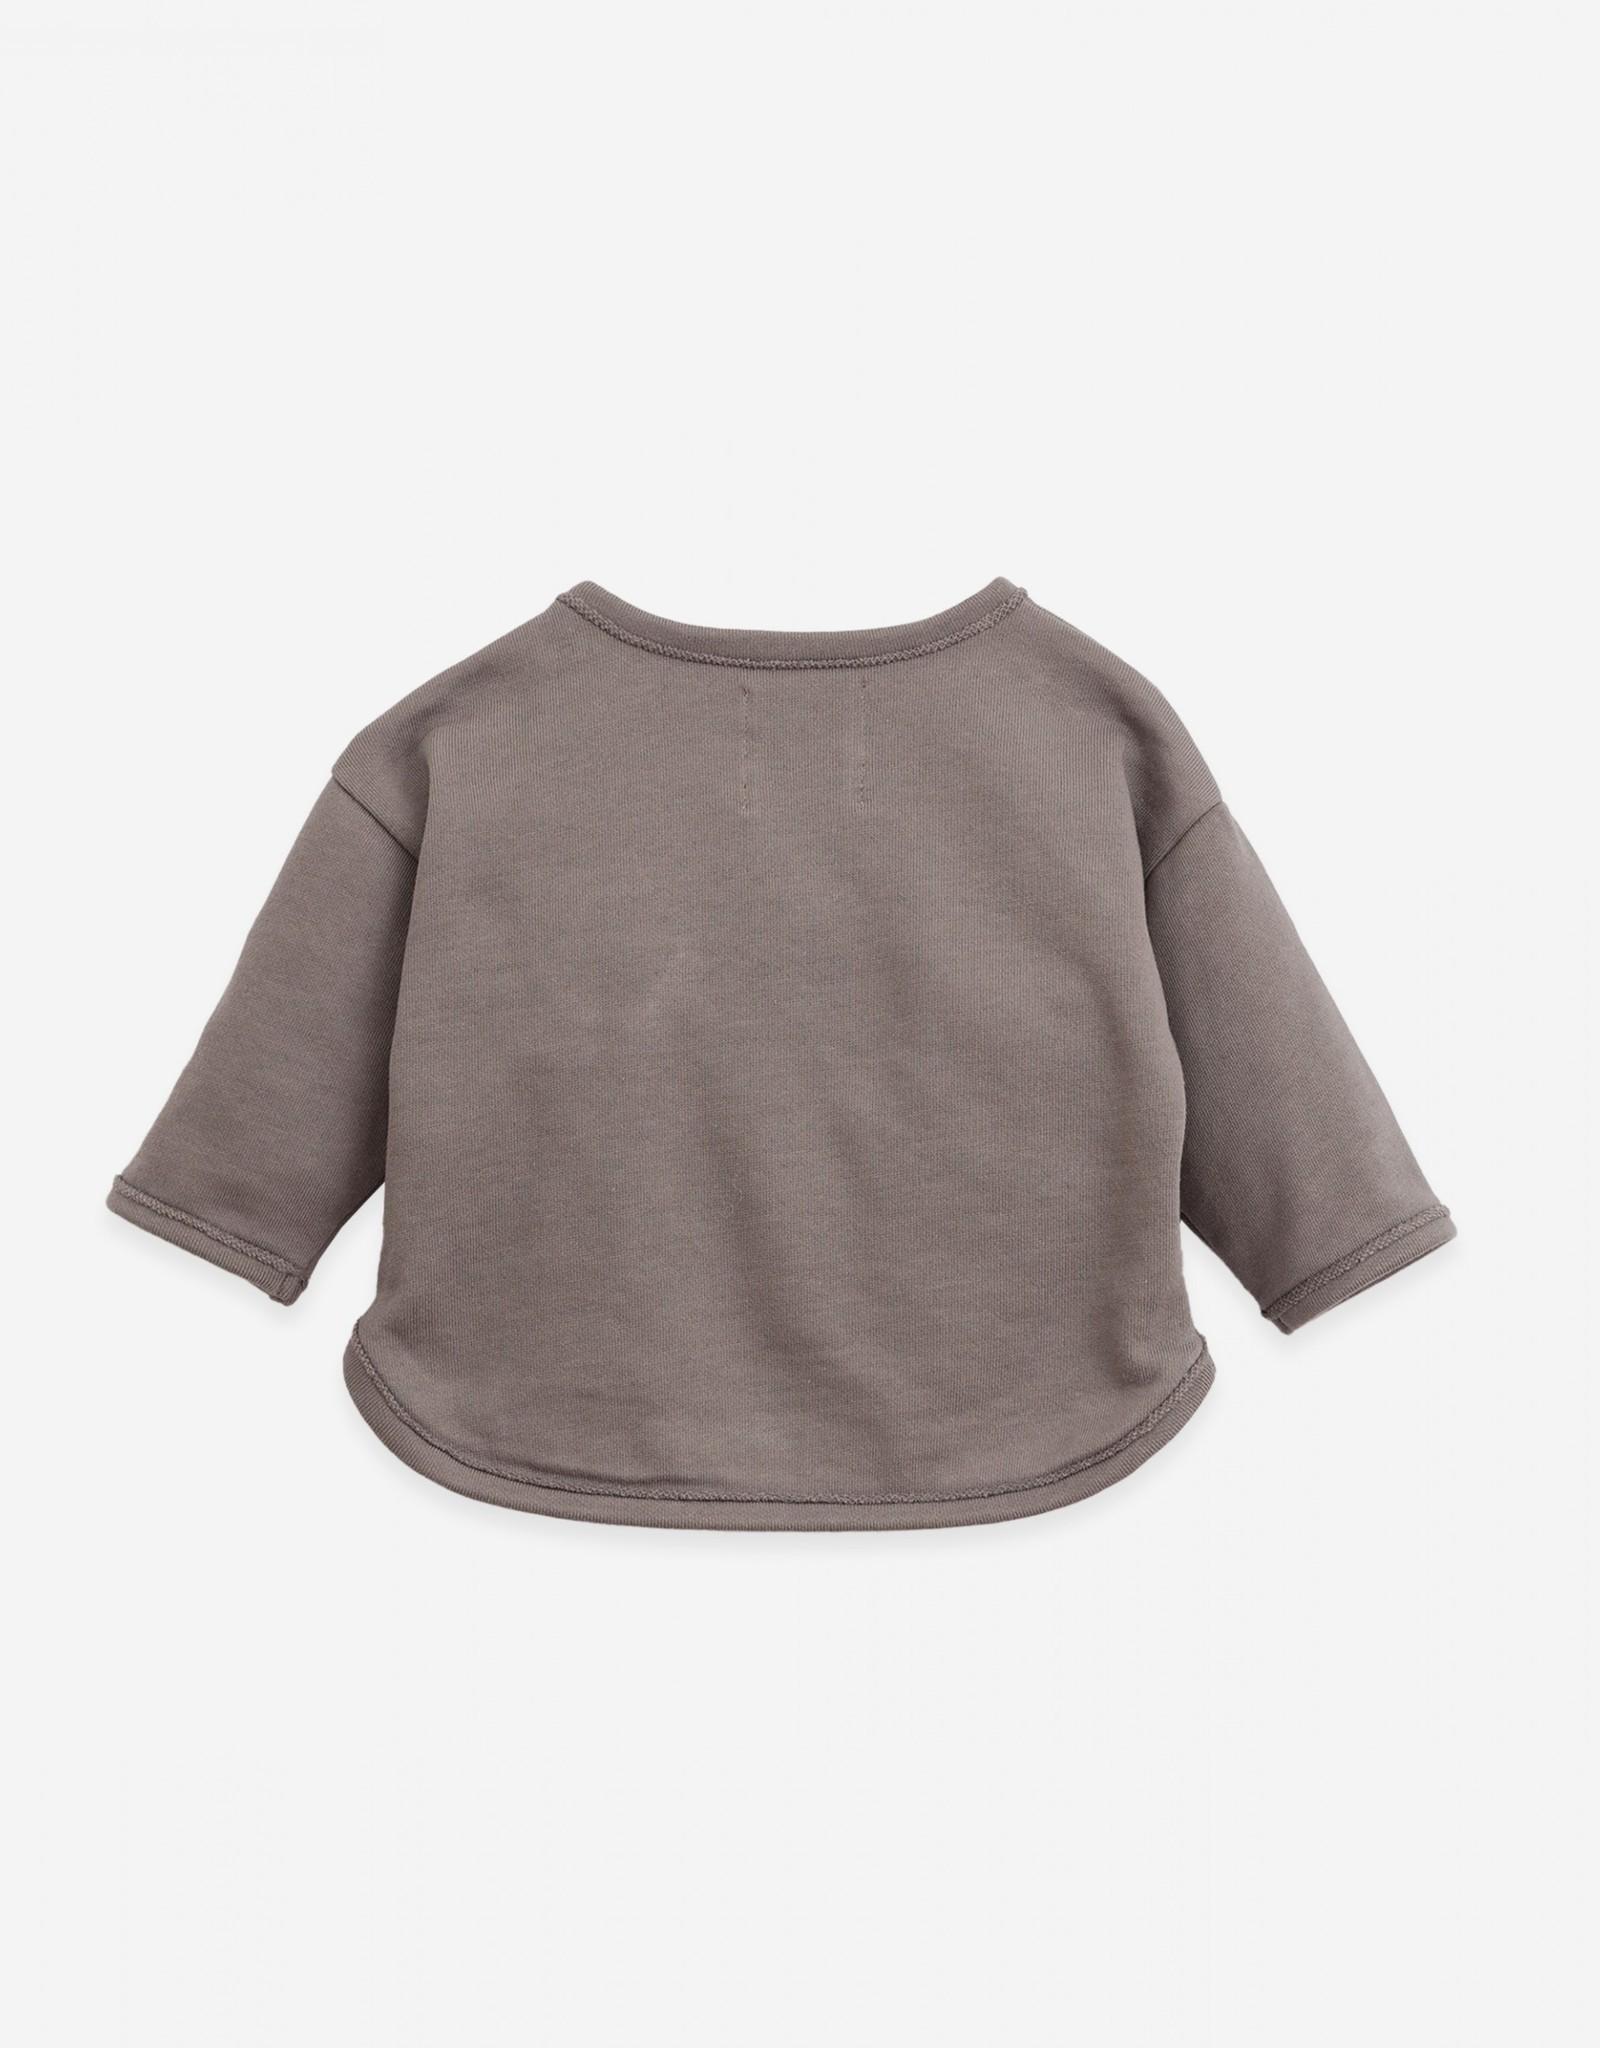 Play Up Play Up sweatshirt heidi (warm grijs)